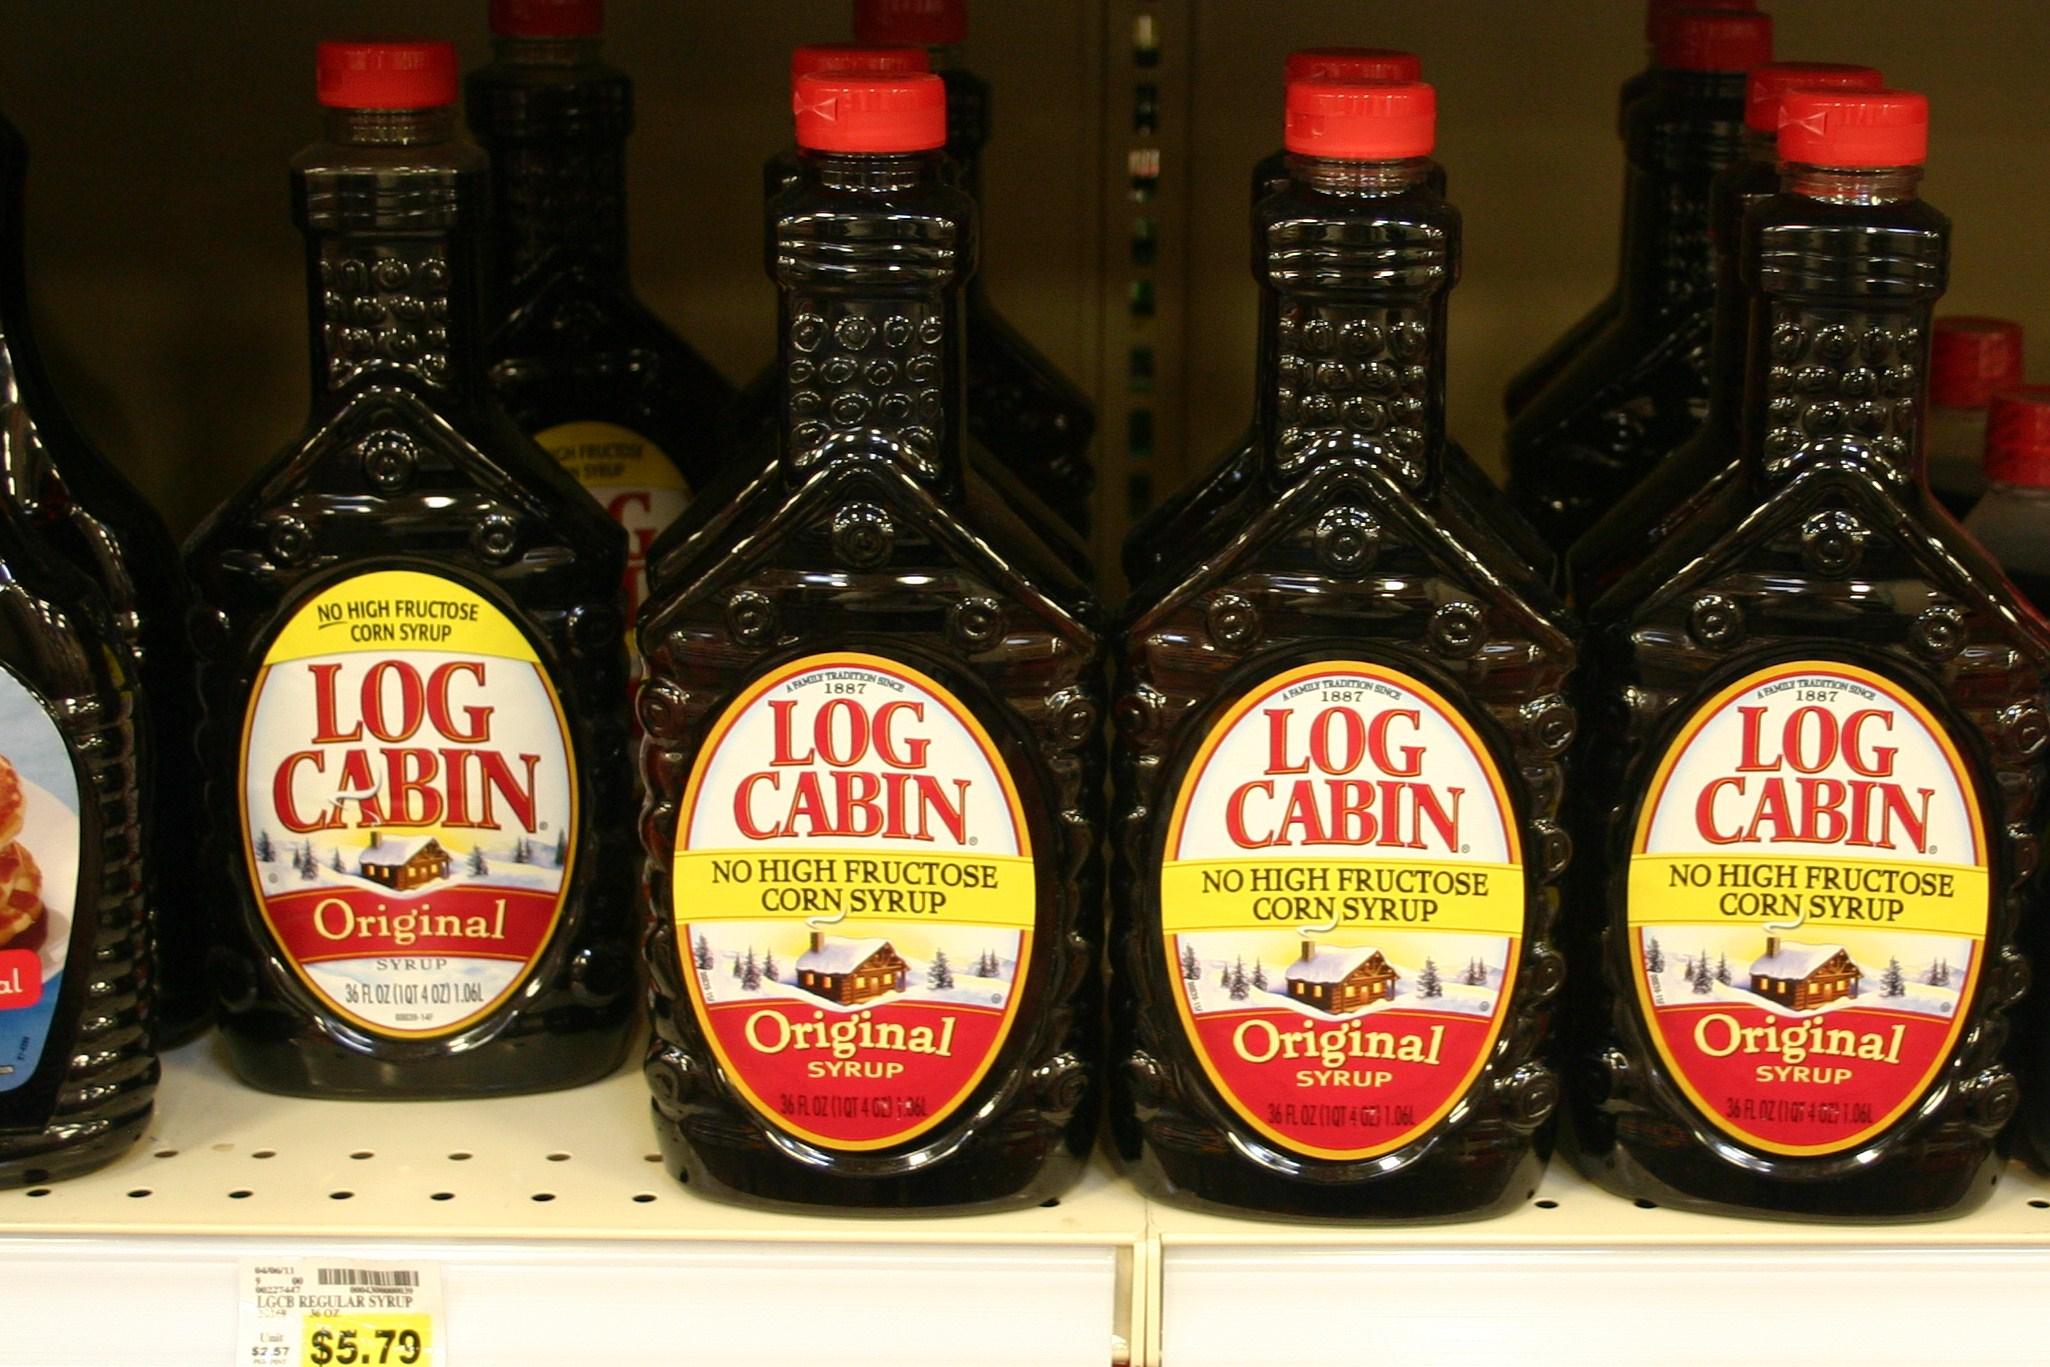 Syrup afrugalspinster